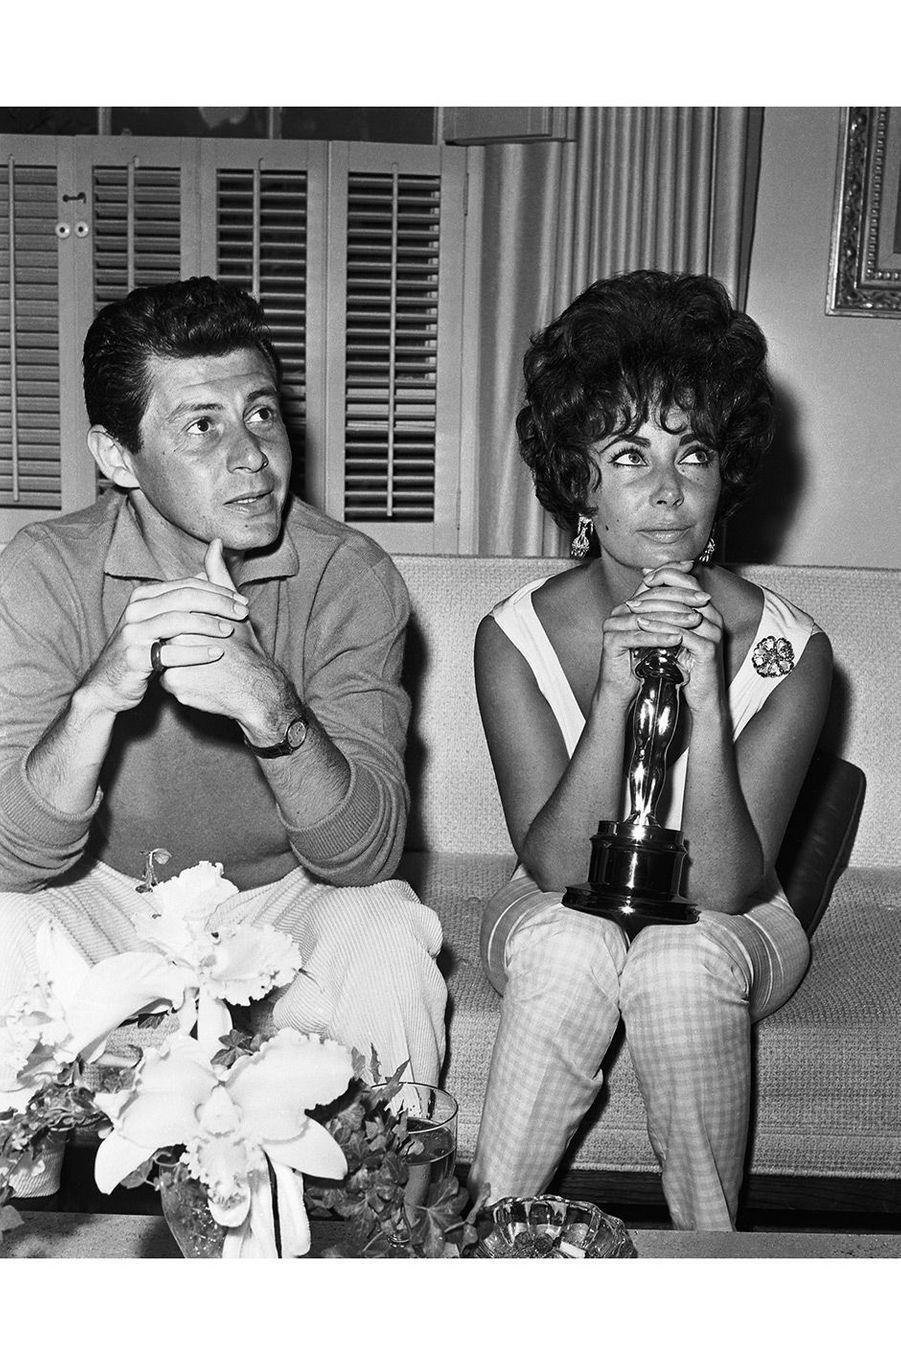 """33ème cérémonie des Oscars (1961)Elizabeth Taylor remporte son premier Oscar (elle en recevra trois au total) pour son rôle dans """"La Venus au vison"""", de Daniel Mann, sur fond de scandale : l'actrice a eu une liaison avec Eddie Fisher alors que celui-ci était marié à la populaire Debbie Reynolds. L'acteur a finalement divorcé pour épouser Elizabeth Taylor en 1959. Mais le public voit d'un mauvais oeil leur relation, et tique quand ils jouent ensemble dans """"La Venus au vison"""". Atteinte d'une pneumonie, Elizabeth Taylor regagne la sympathie des spectateurs. C'est le souffle court, toujours pas guérie de sa maladie, que l'actrice monte sur scène pour récupérer sa récompense.(Photo : Elizabeth Taylor reçoit l'Oscar de la meilleur actrice en 1961)"""